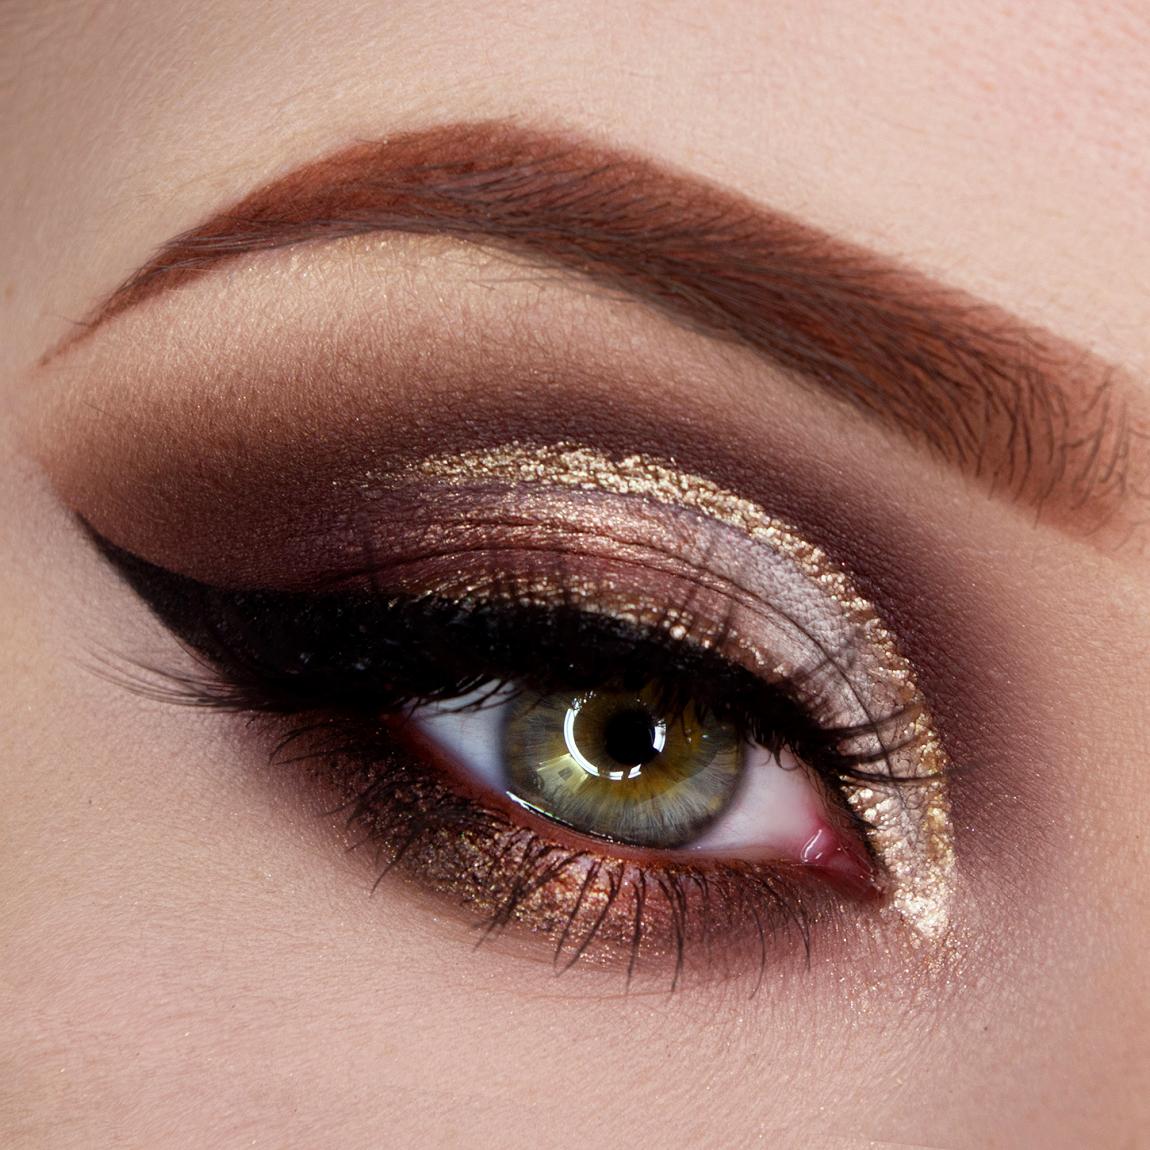 Makeup tutorial per realizzare un trucco illuminante color cioccolato e nocciola